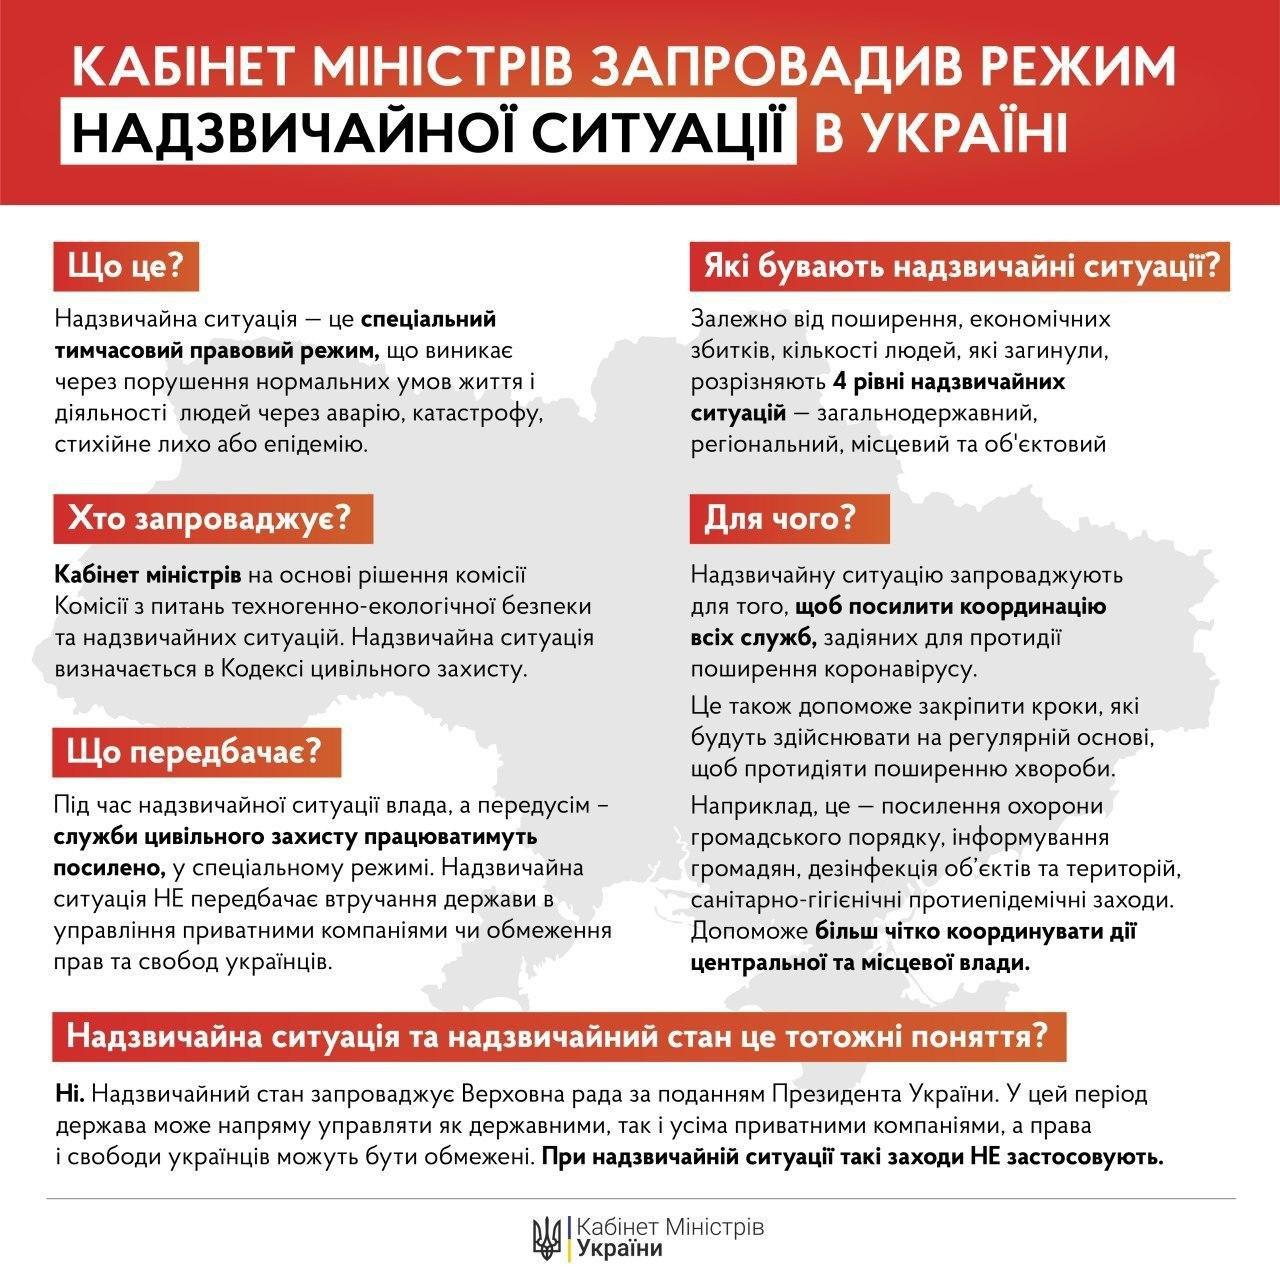 Коронавірус: всі важливі новини за темою в Івано-Франківську та області. ХРОНІКА 26